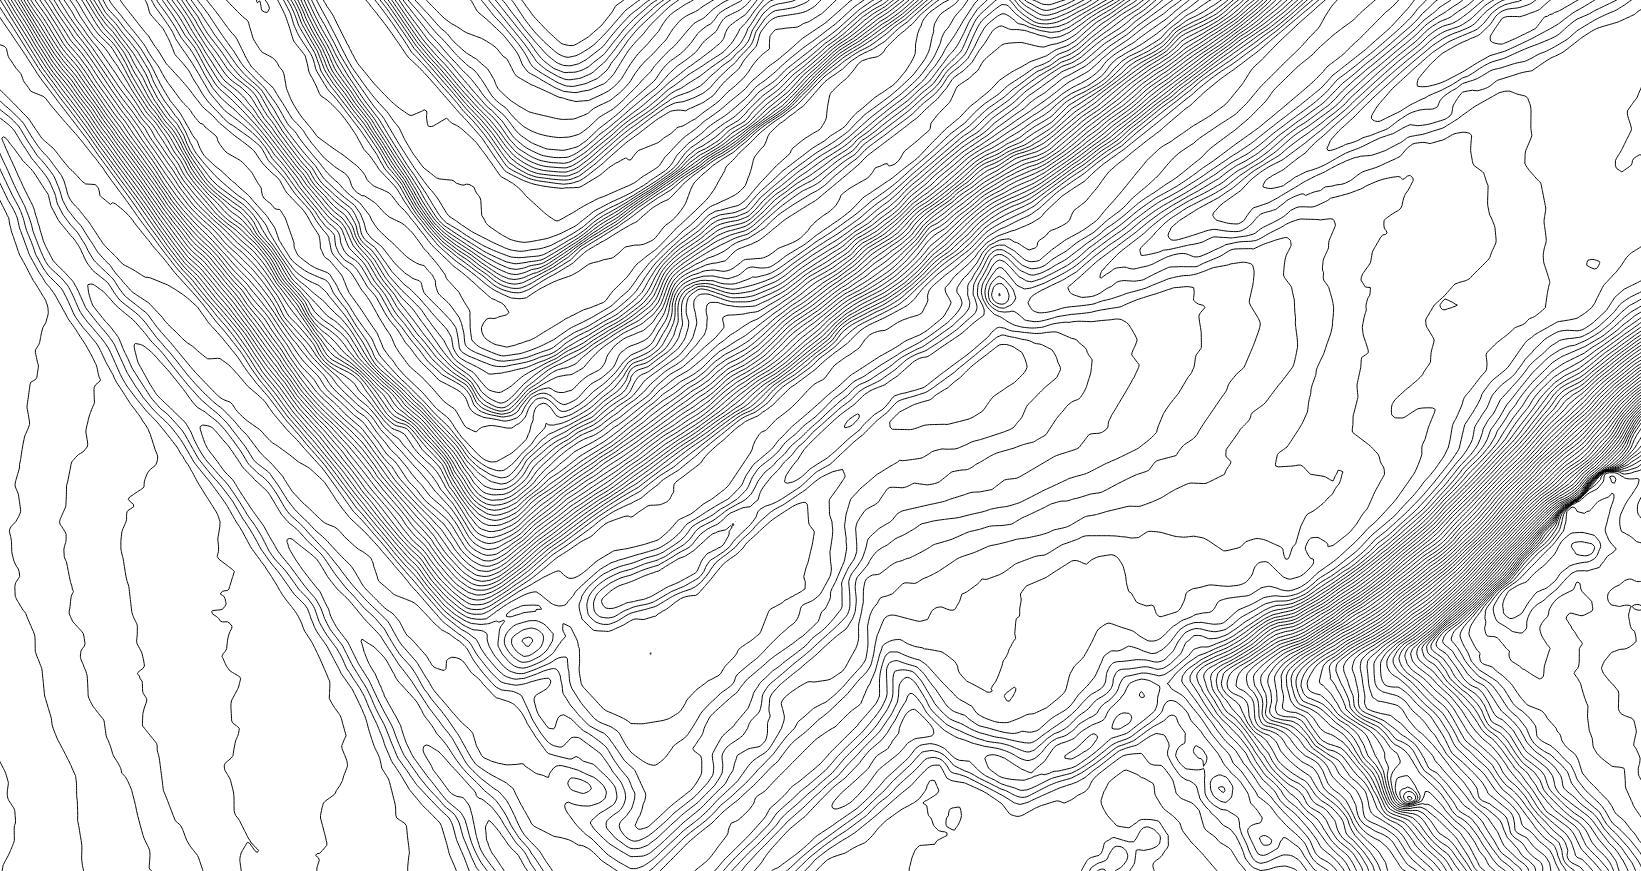 Relevés topographiques - Précision < 5 cmAcquisition par drone spécialisé et accroissement de la précision par relevés de 20 cibles au sol au laser.